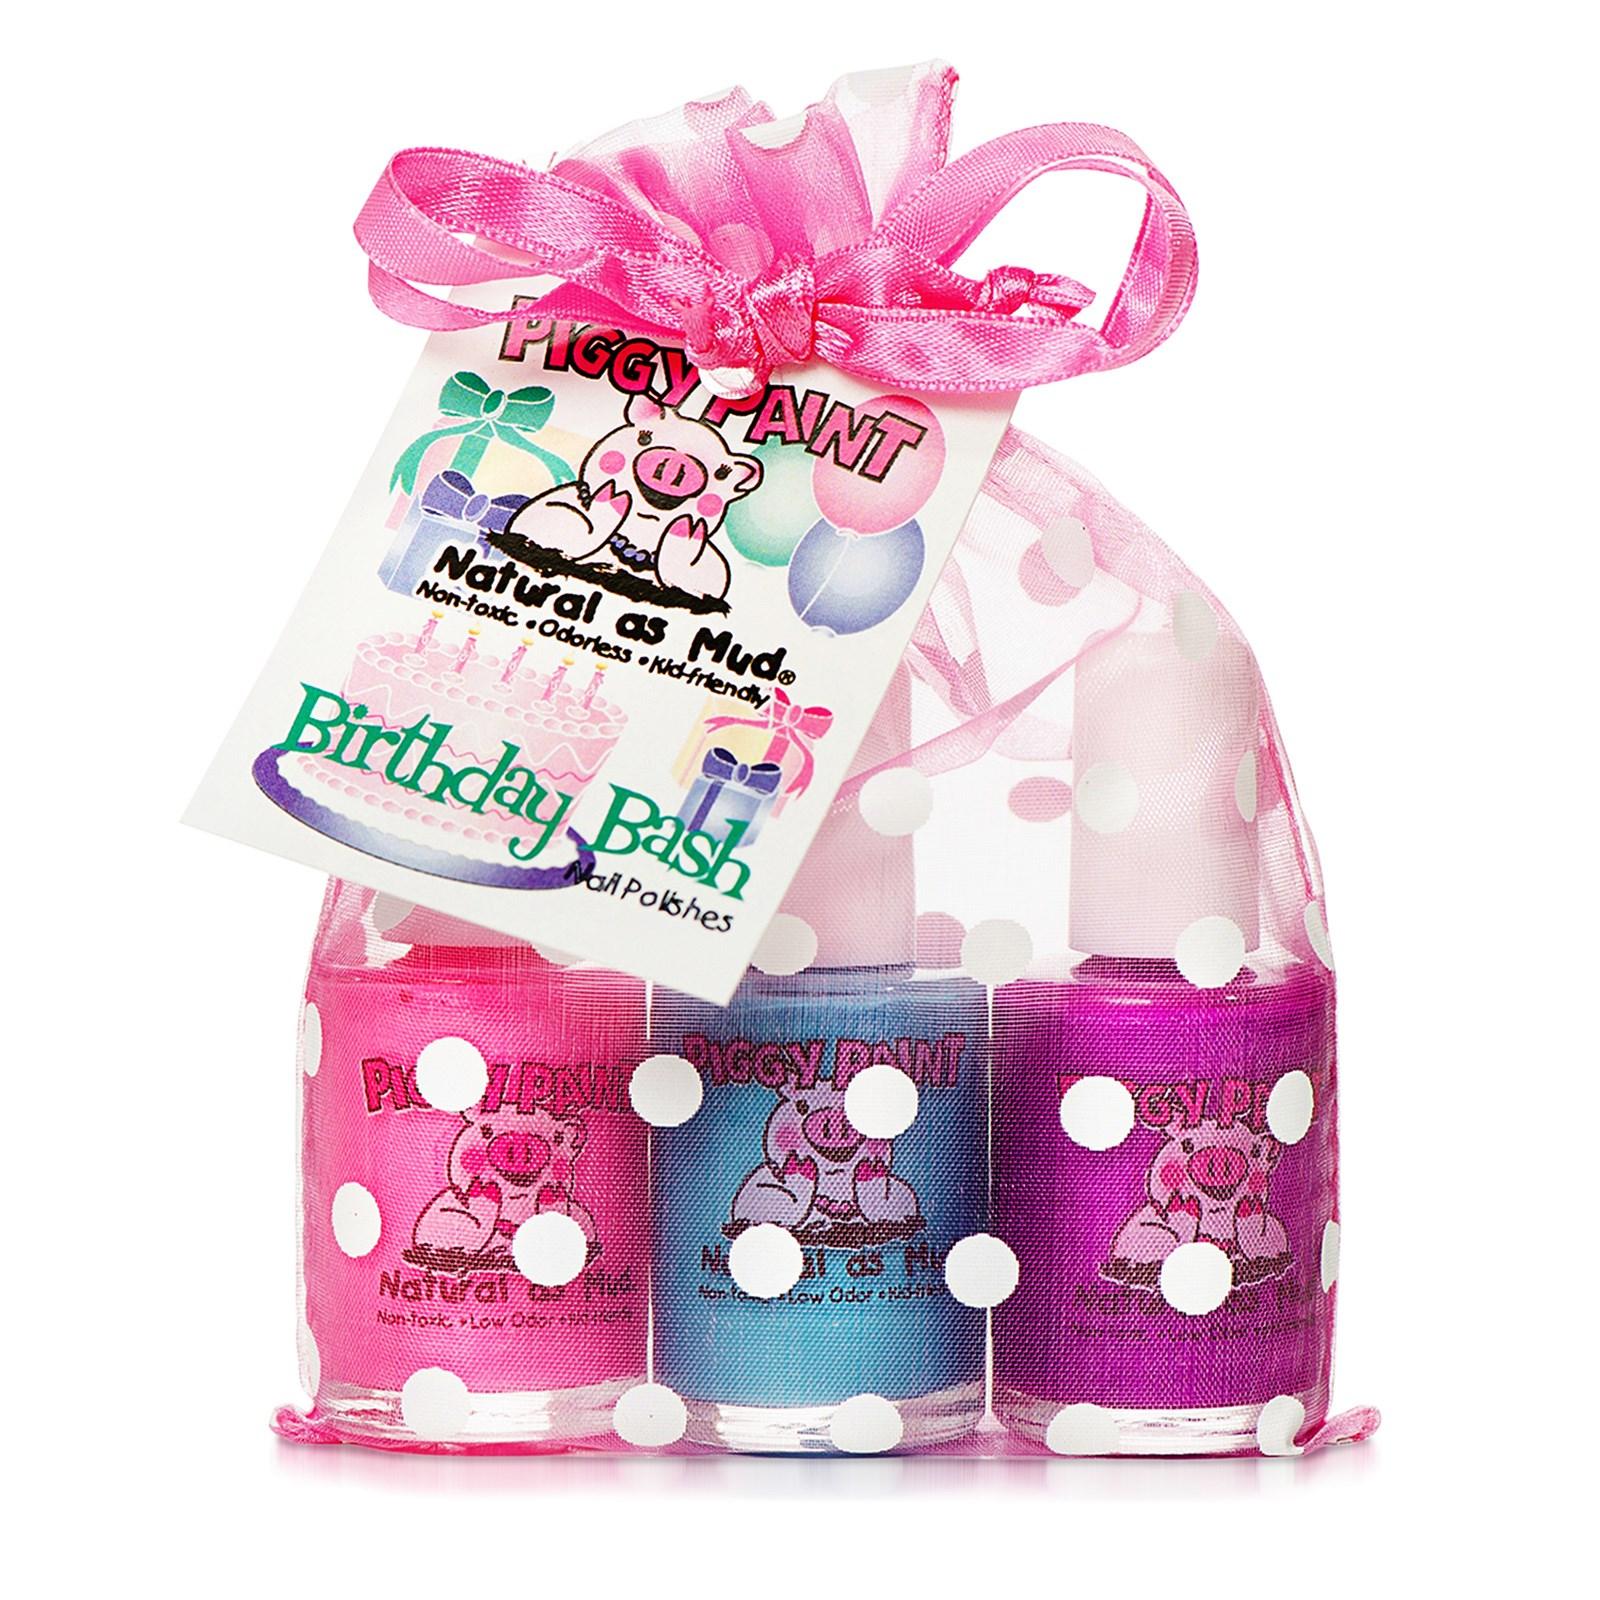 Piggy Paint, Нетоксичные лаки для ногтей, натуральные как грязь, на день рождения, 3 флакончика, 0,5 жидких унций (15 мл) каждый